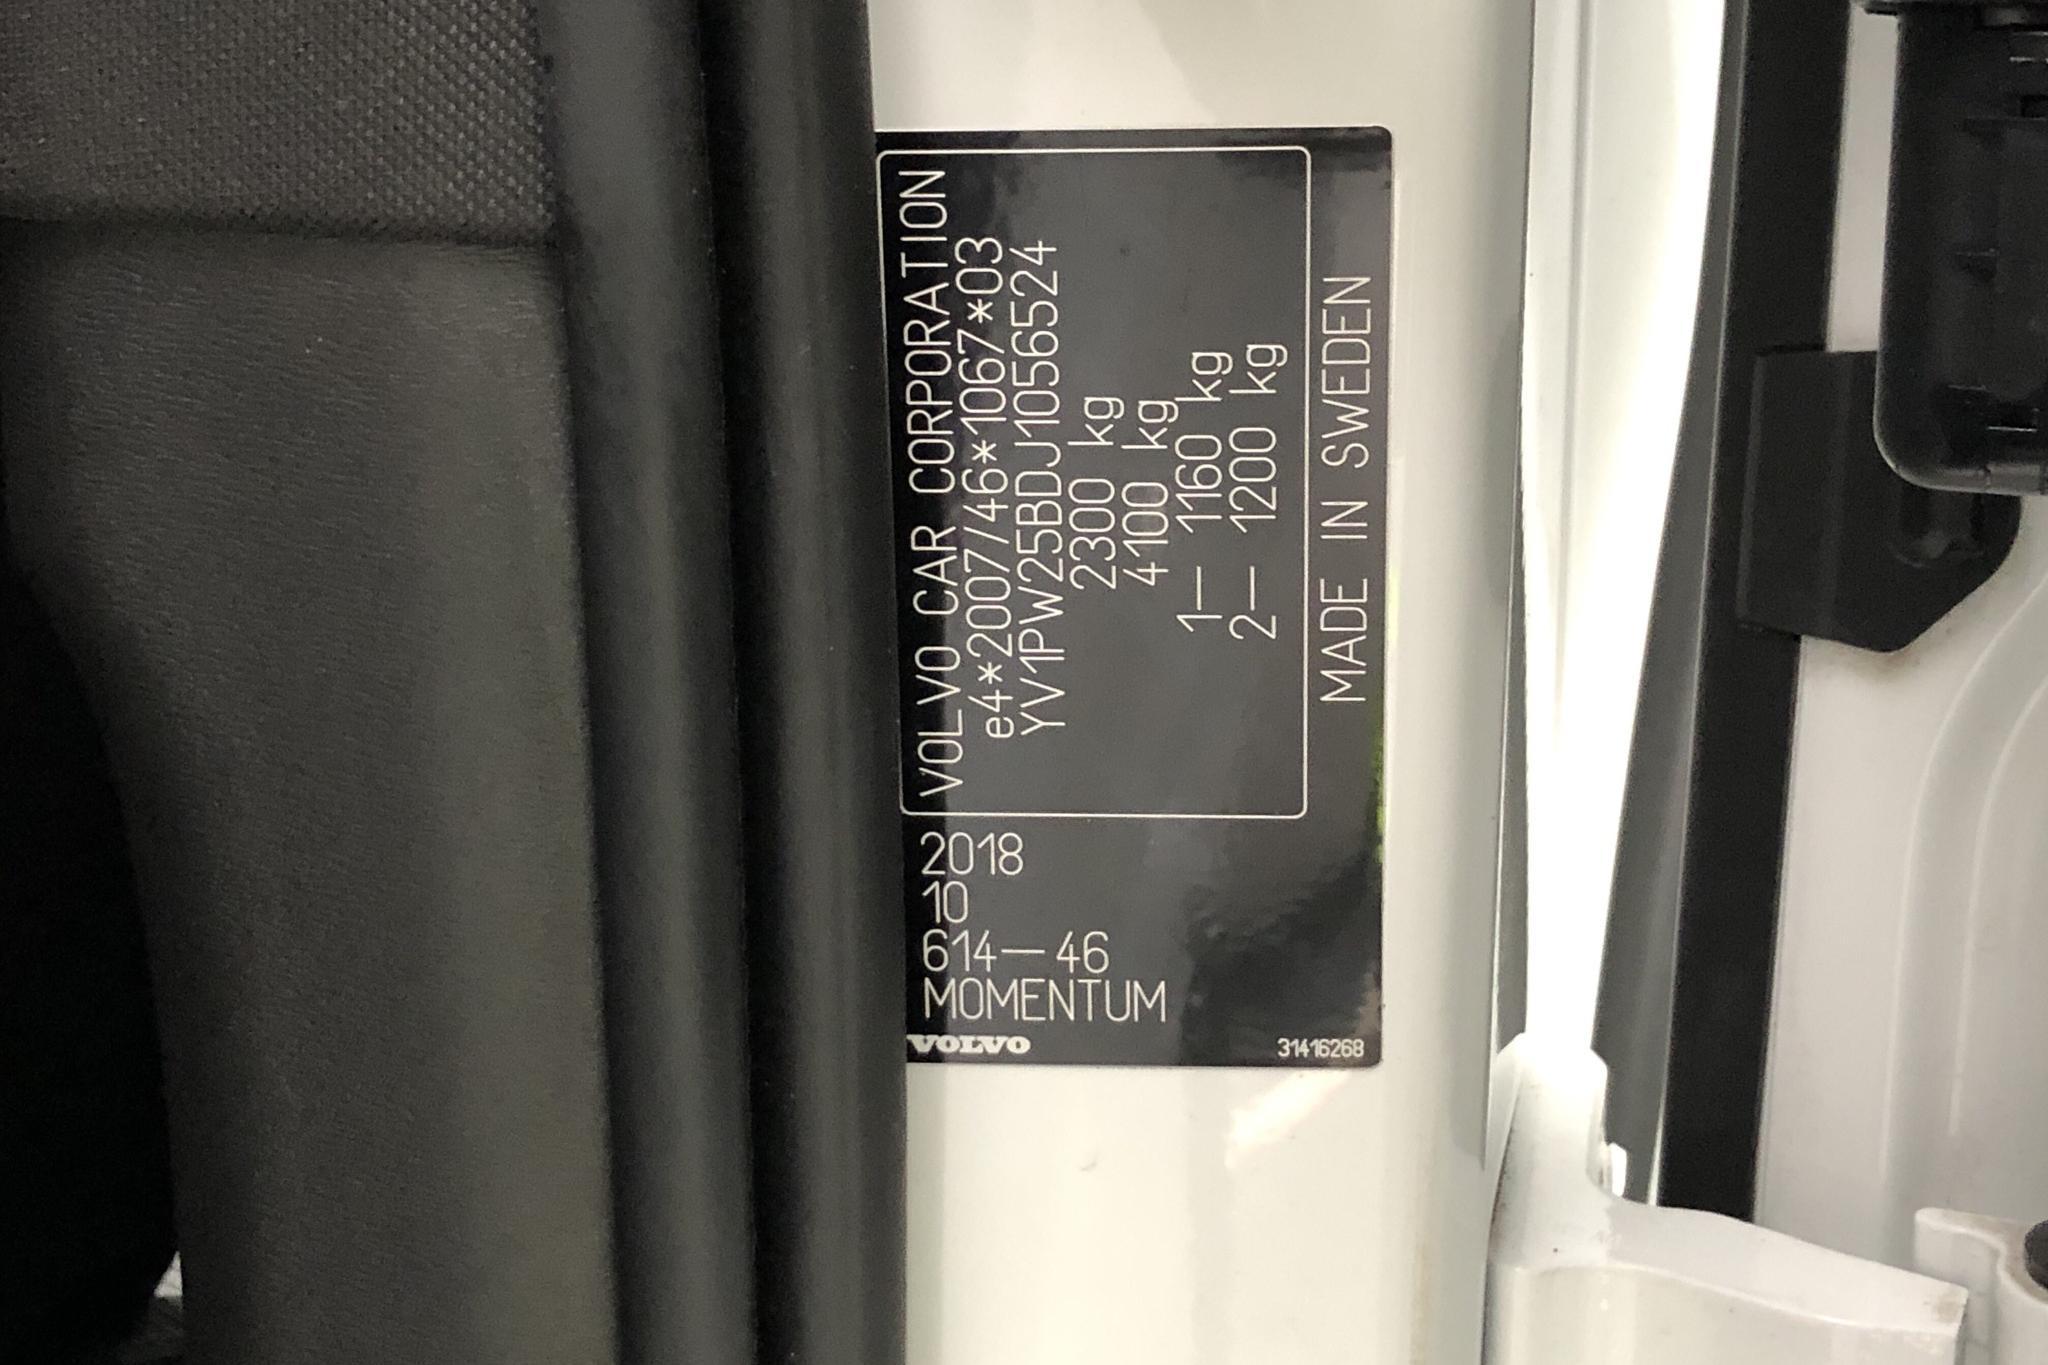 Volvo V90 T5 (250hk) - 112 330 km - Automatic - white - 2018